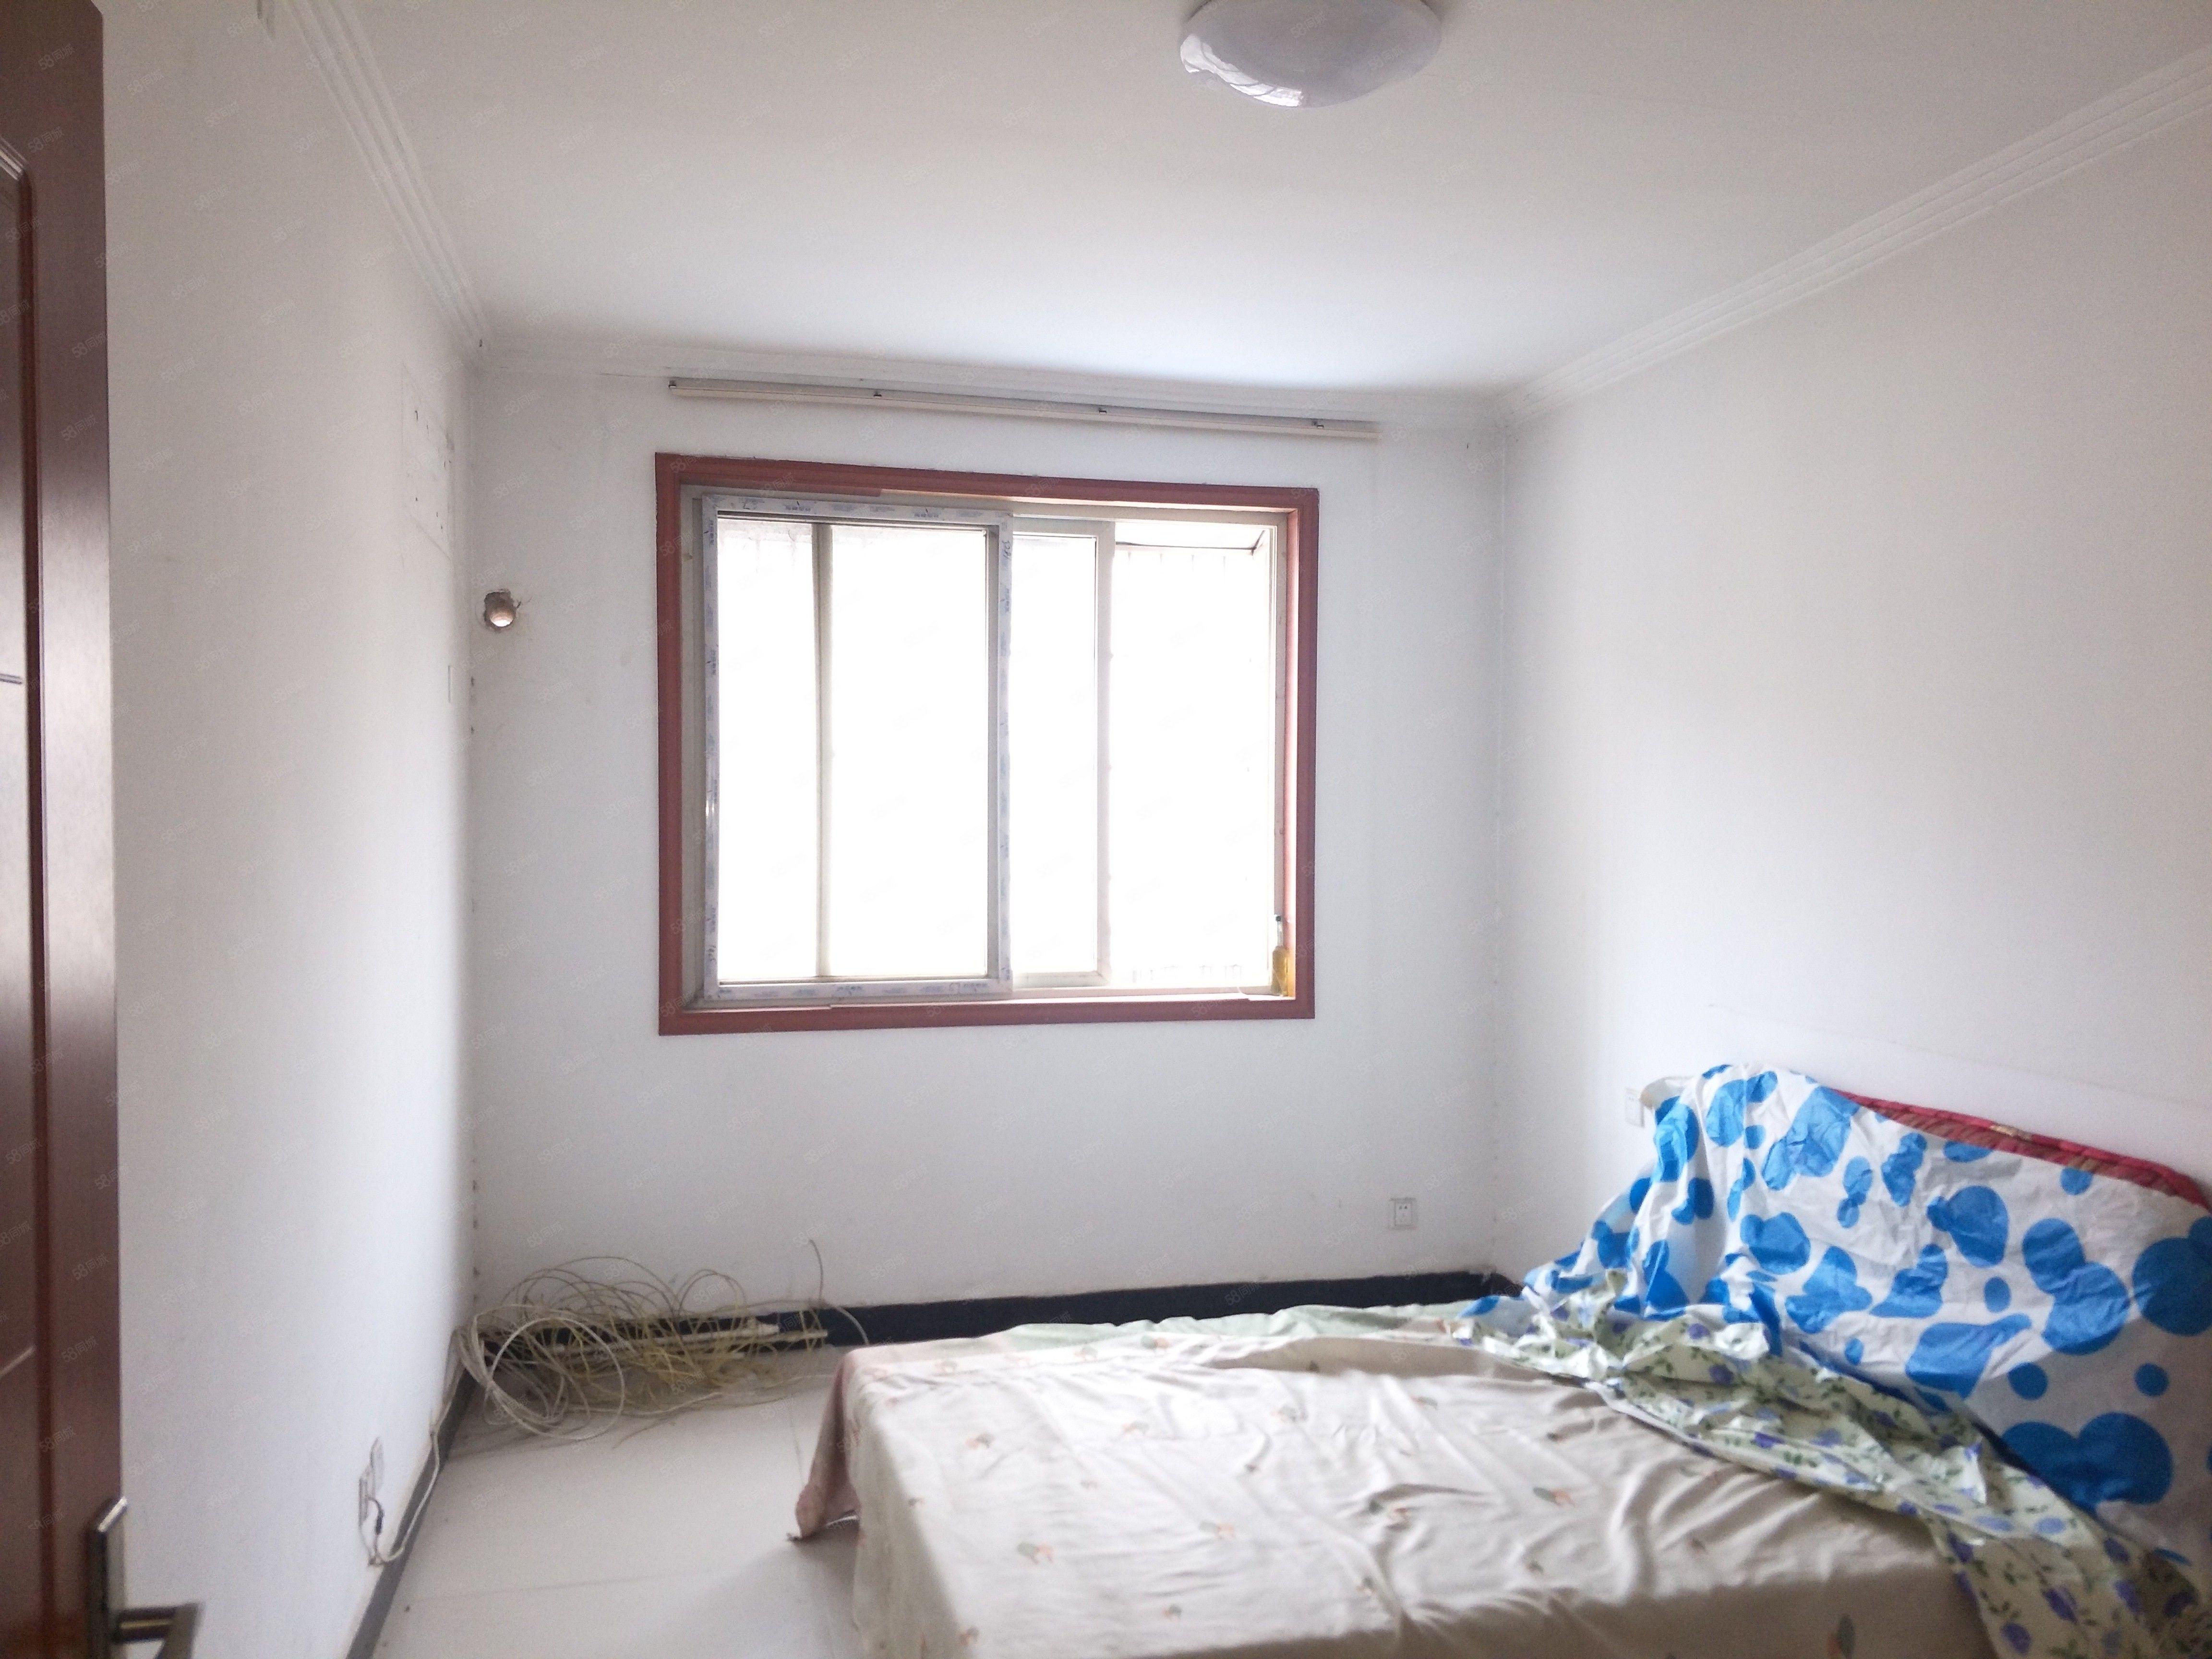 急租刘元新村3室精装修有热水器空调